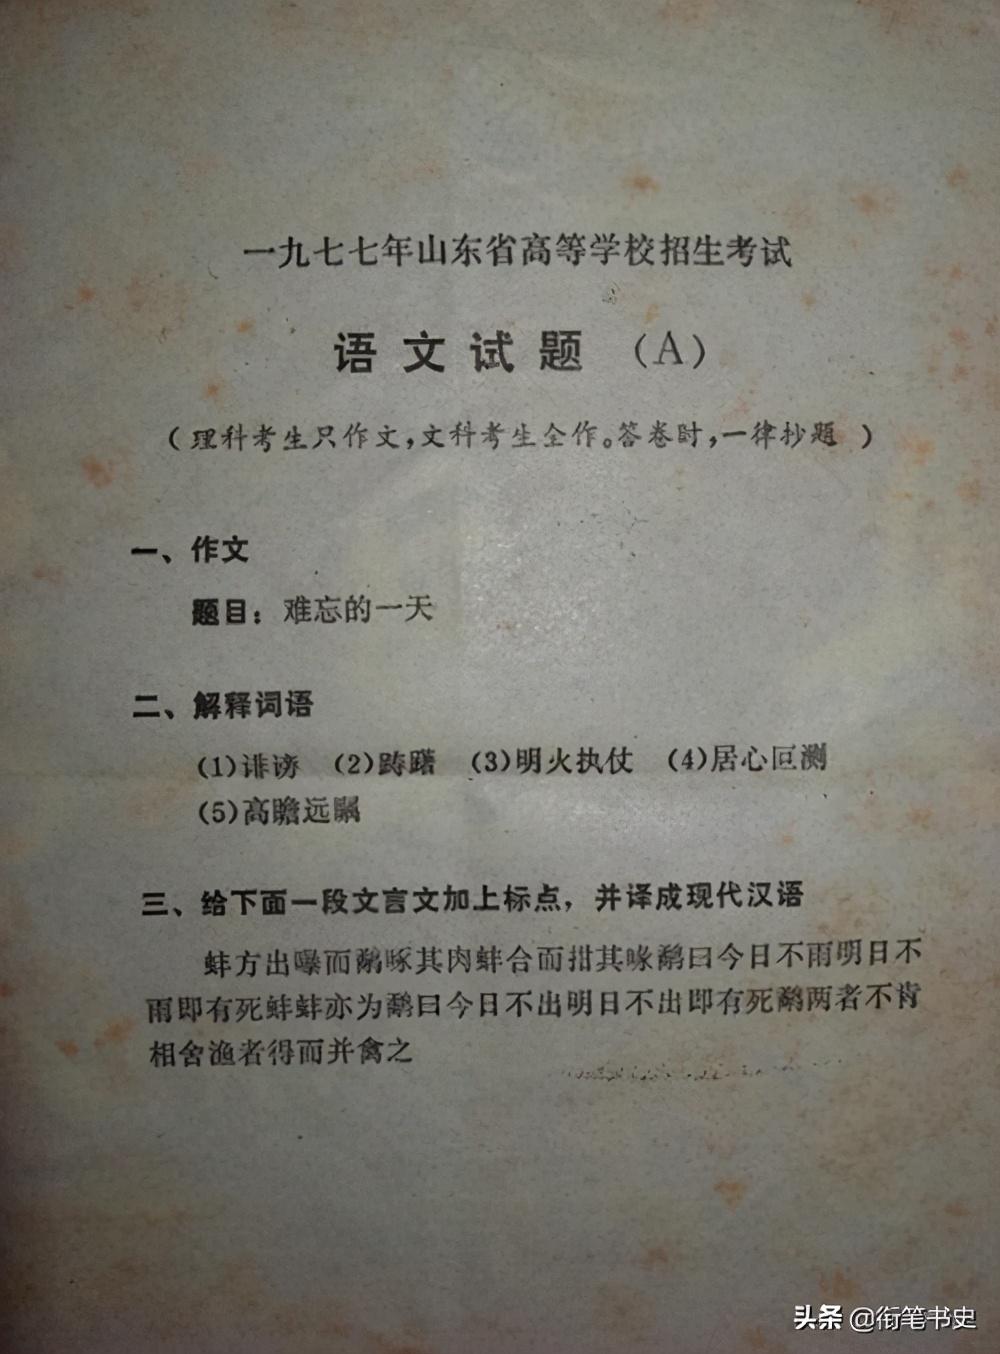 """44年前,一位教授""""直諫""""鄧小平,從此改變了整整一代人的命運"""